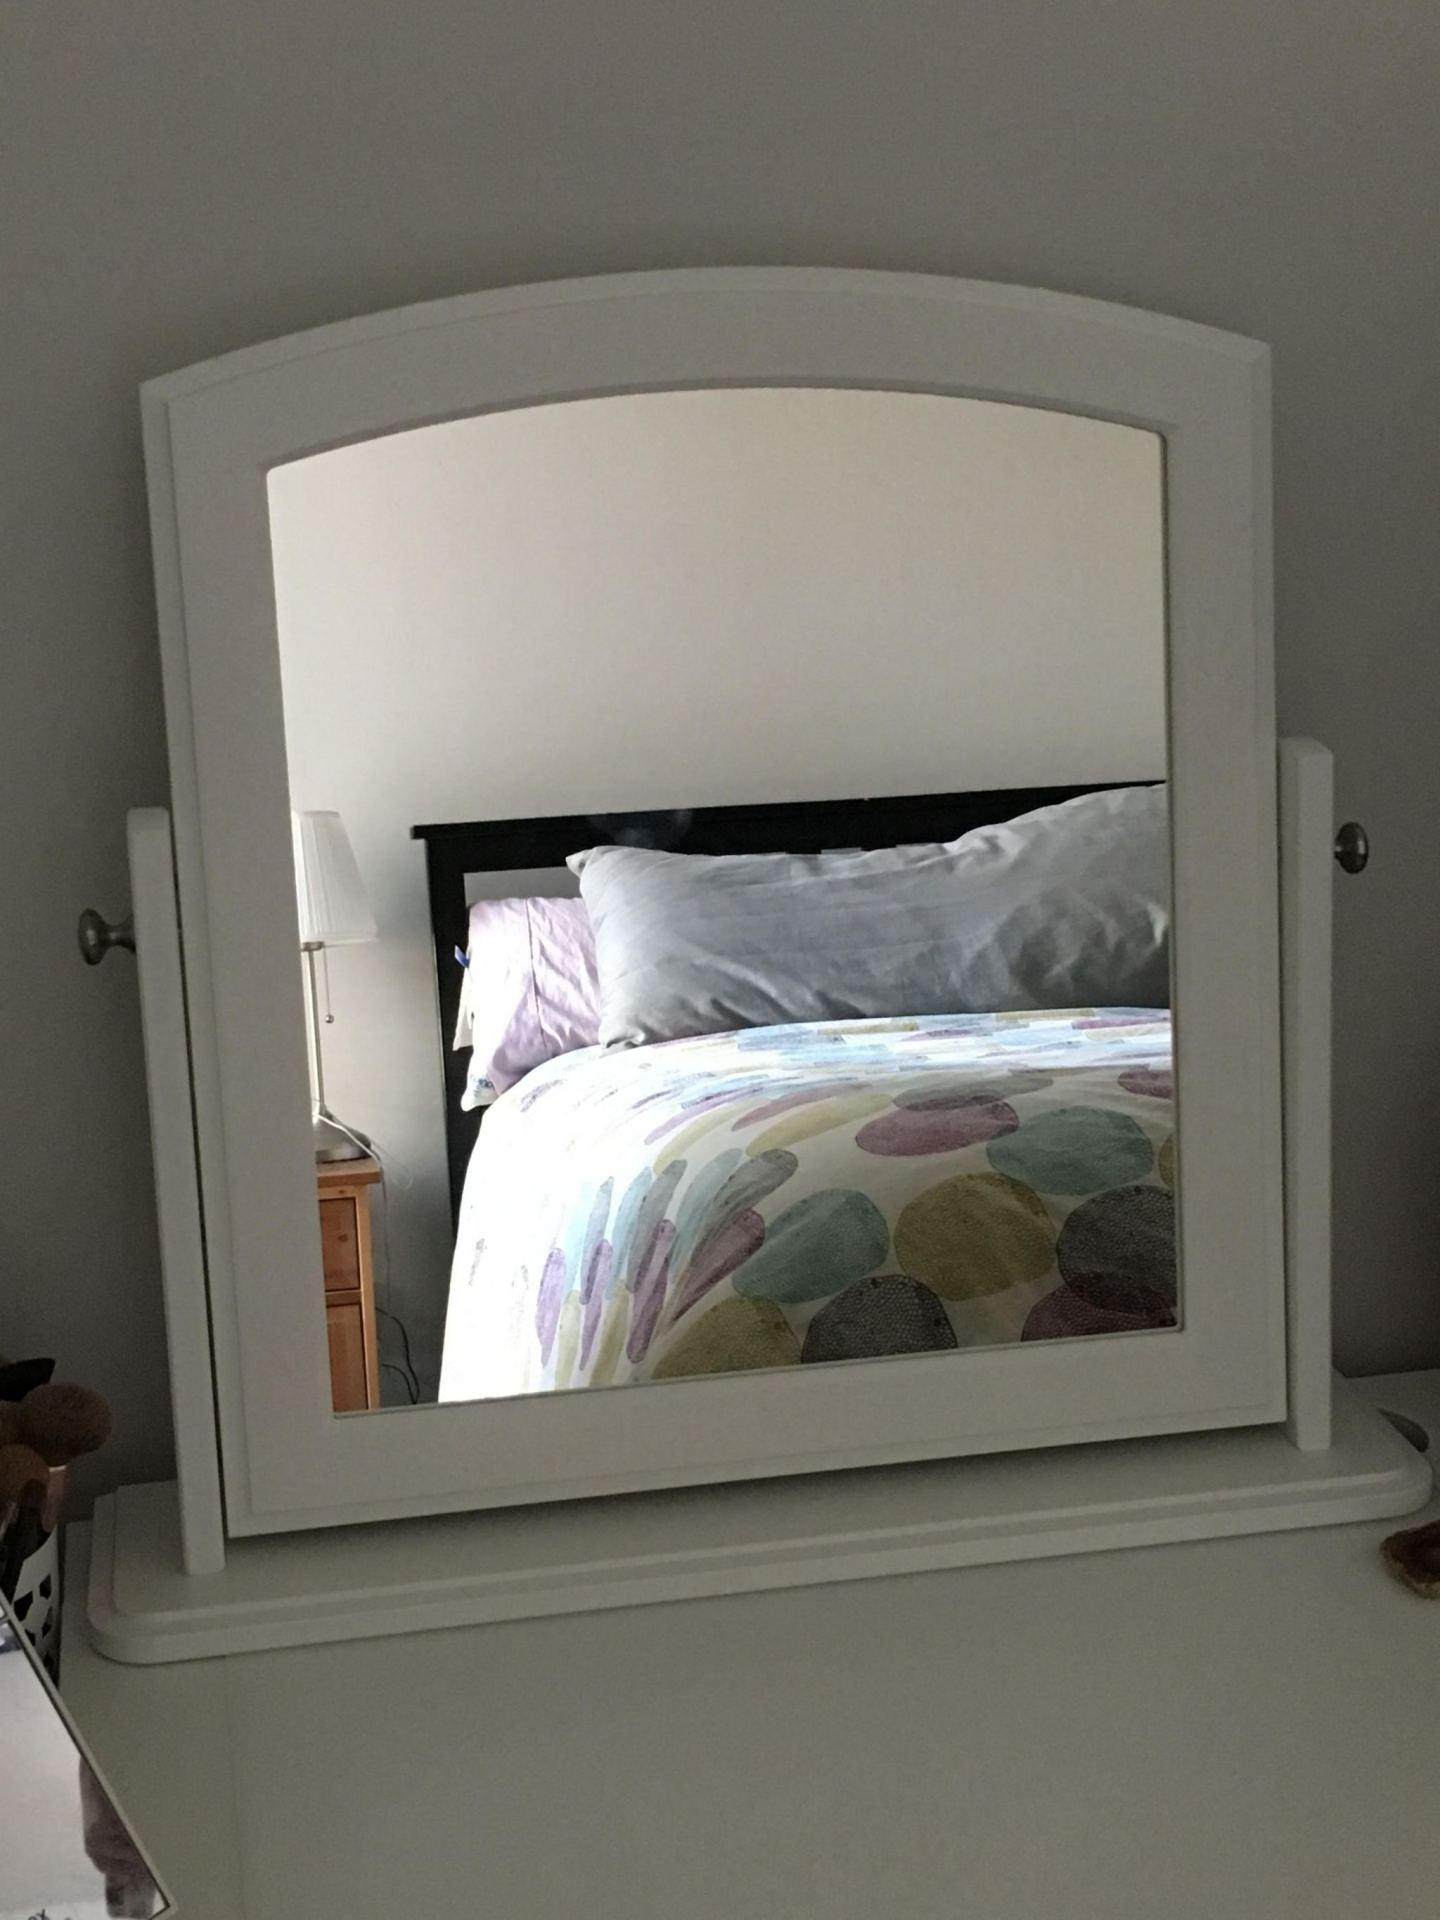 Ikea LED Vanity Mirror DIY Hack